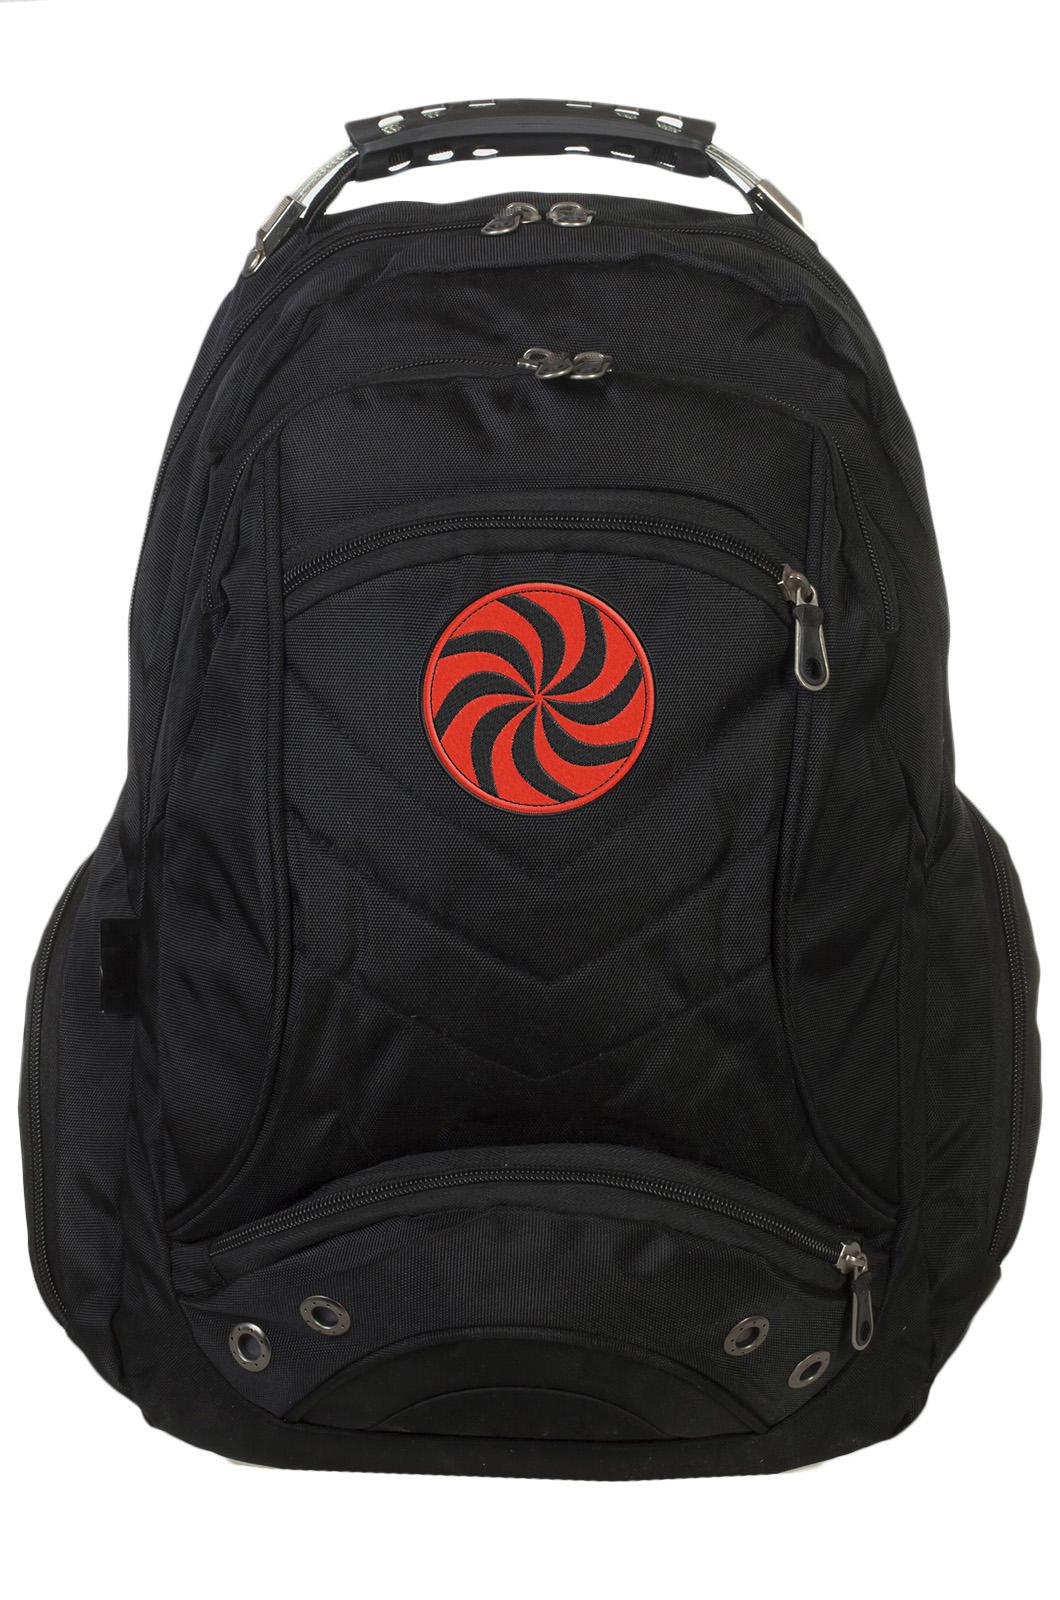 Стильный городской рюкзак с нашивкой Символ Даждьбога